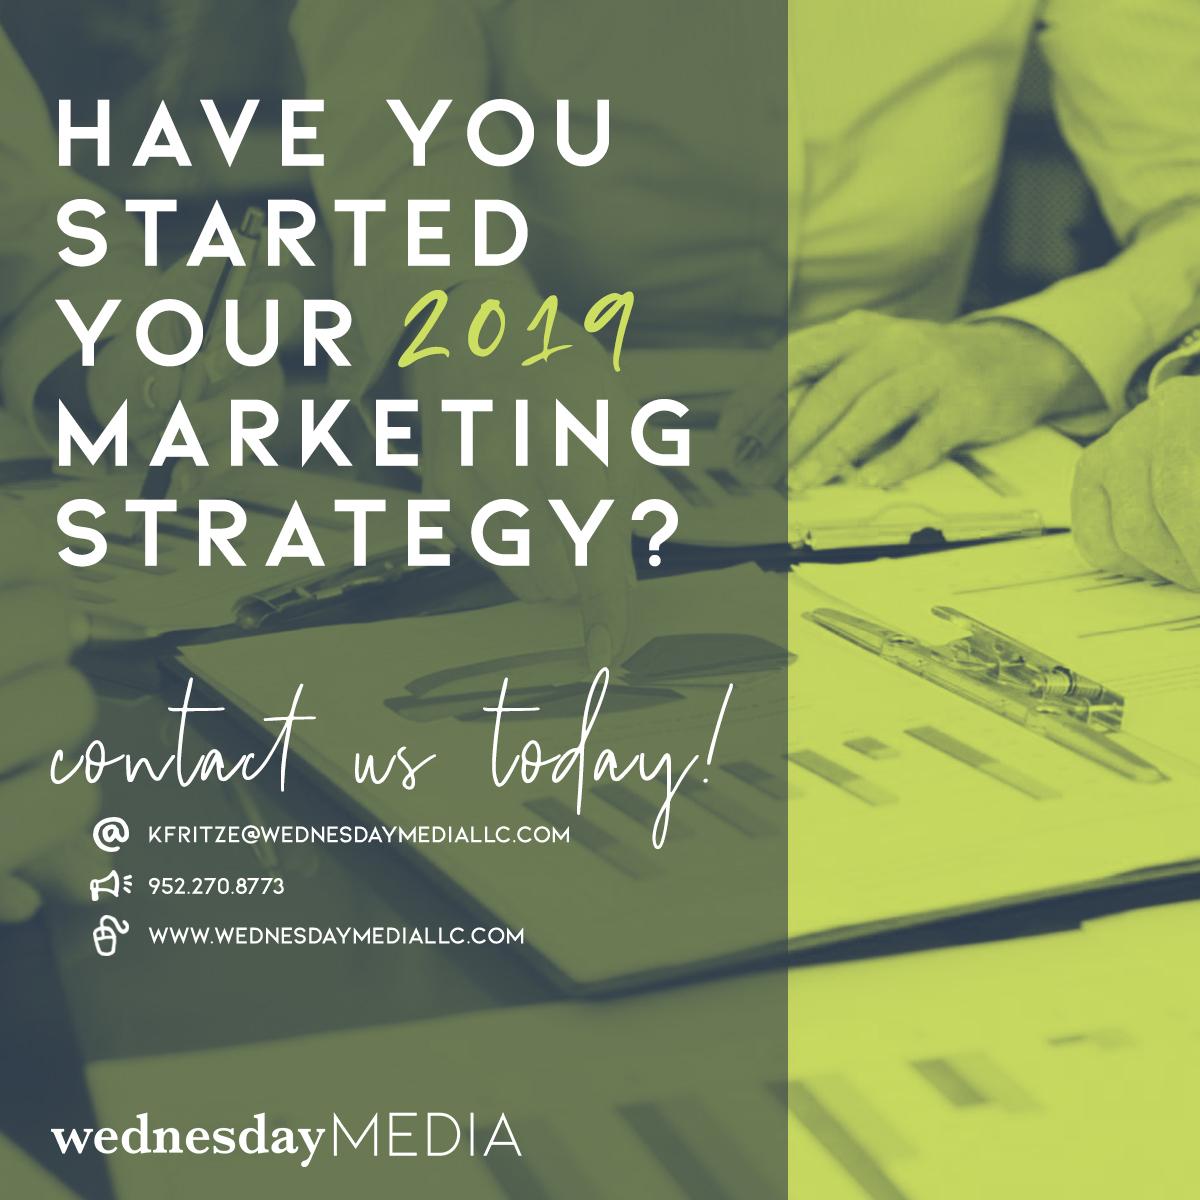 marketing strategy instagram wednesday media.jpg